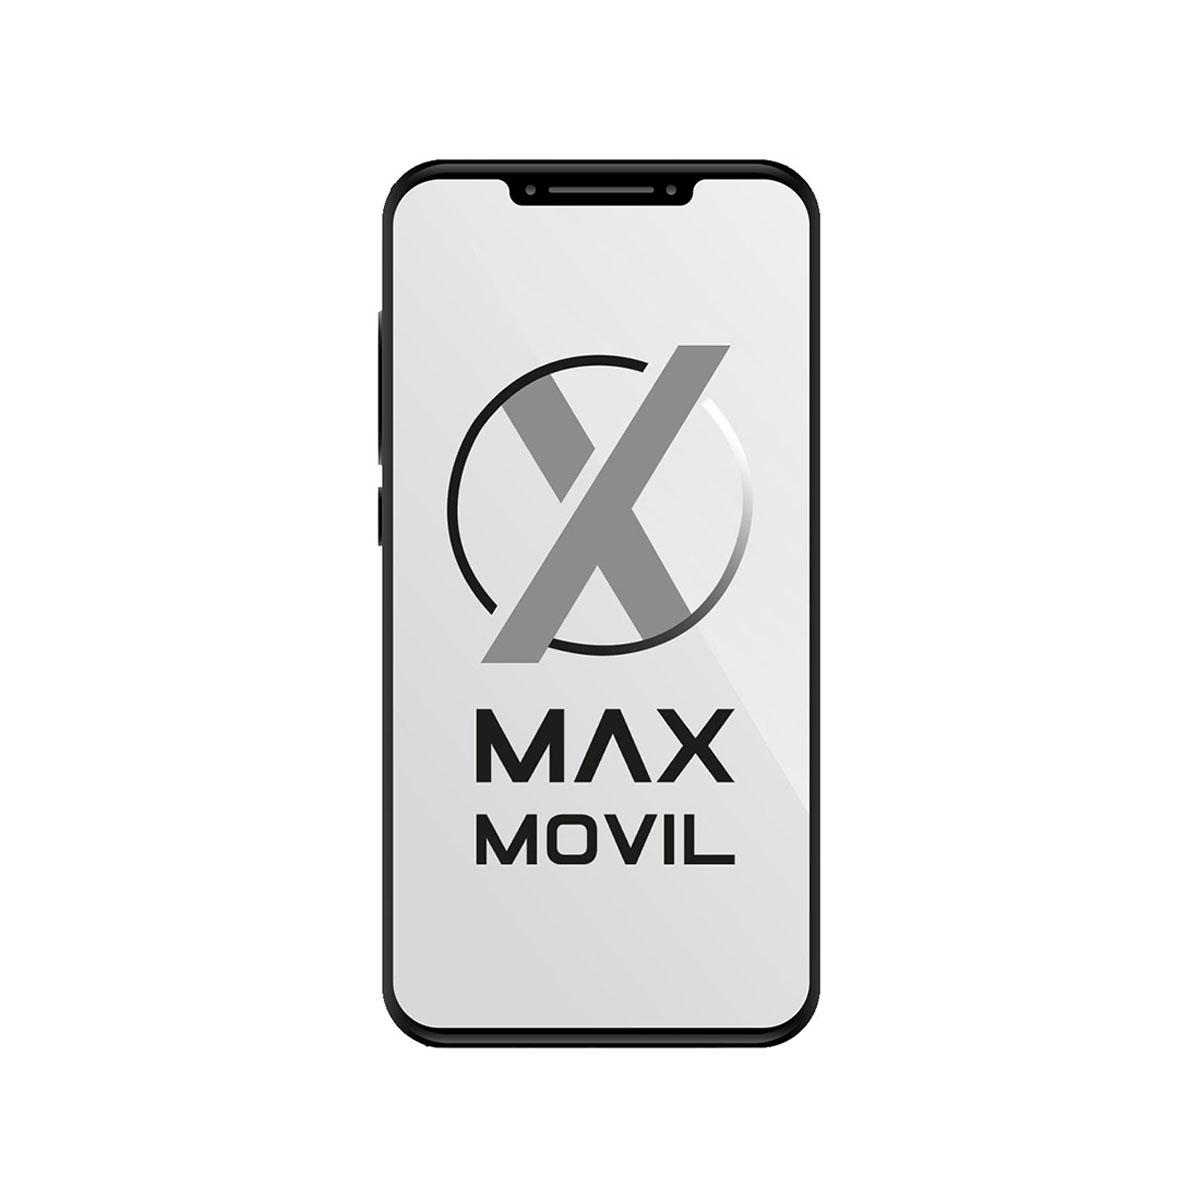 Telefono movil Xiaomi A2 lite 3Gb 32Gb libre oro global